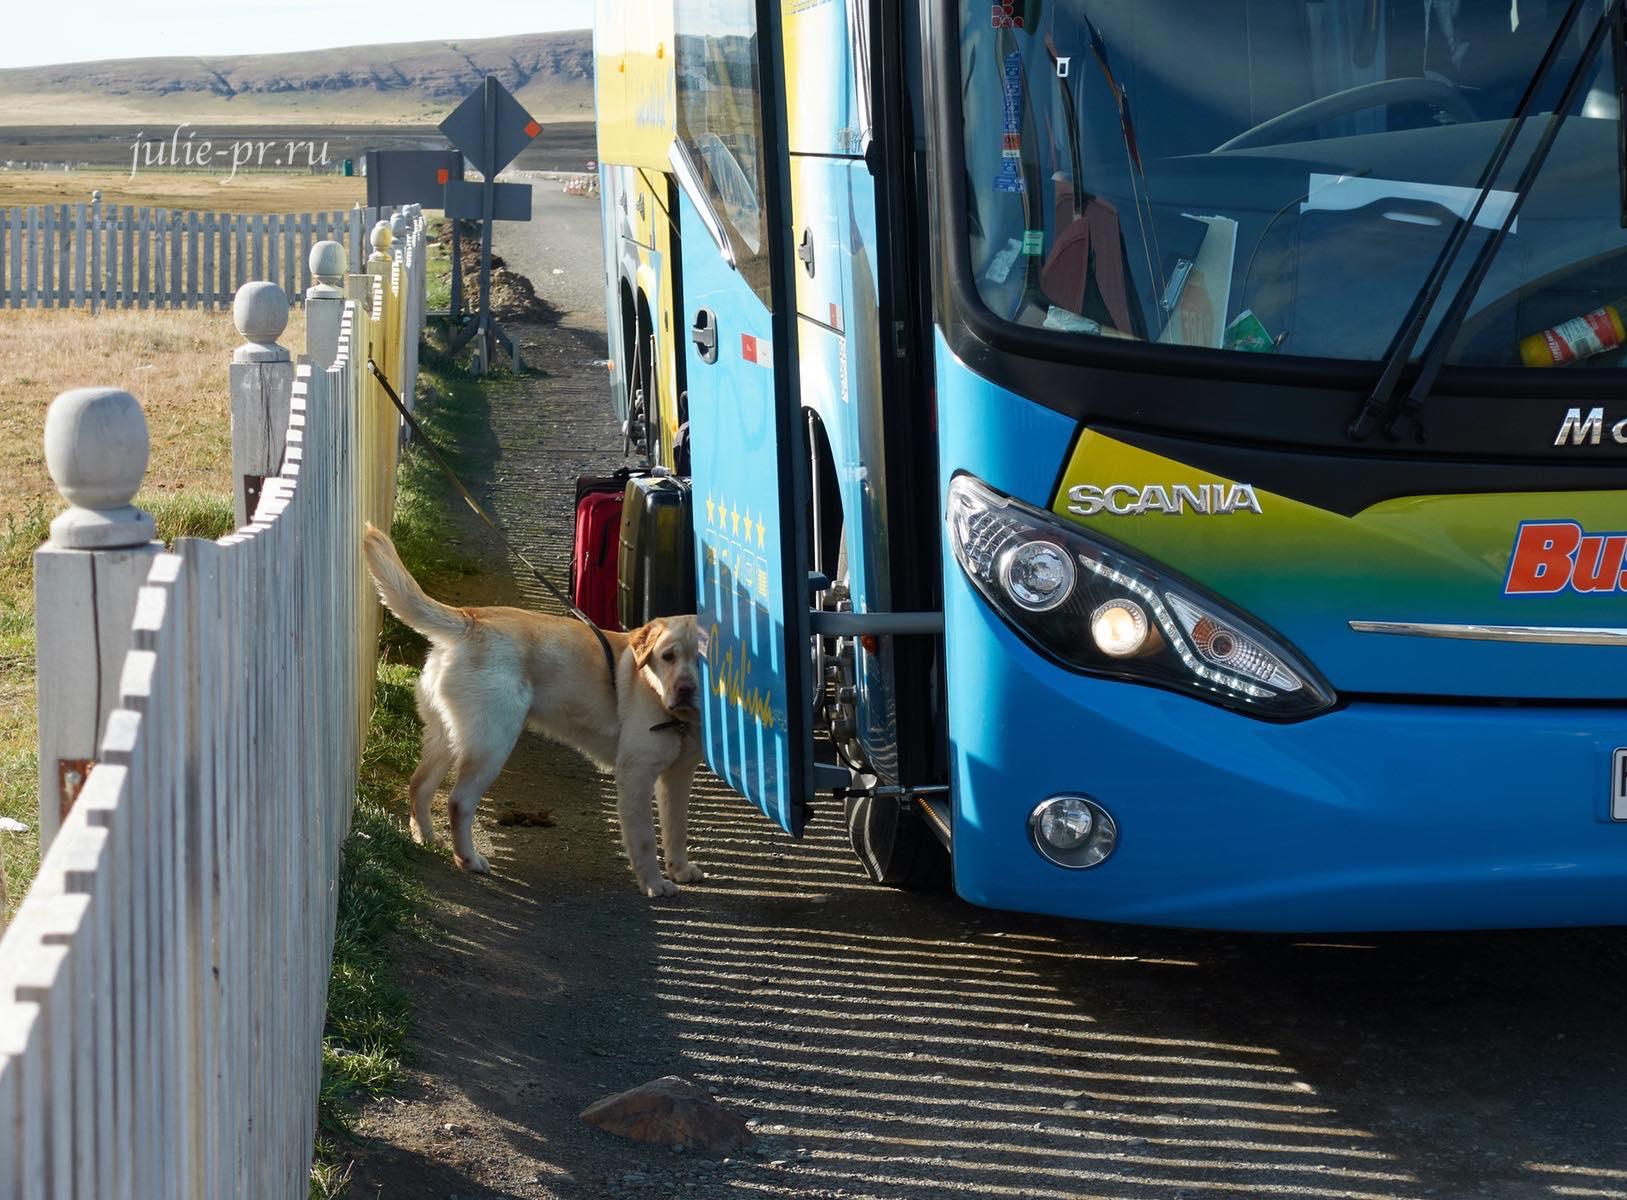 Чили, Патагония, граница, служебная собака